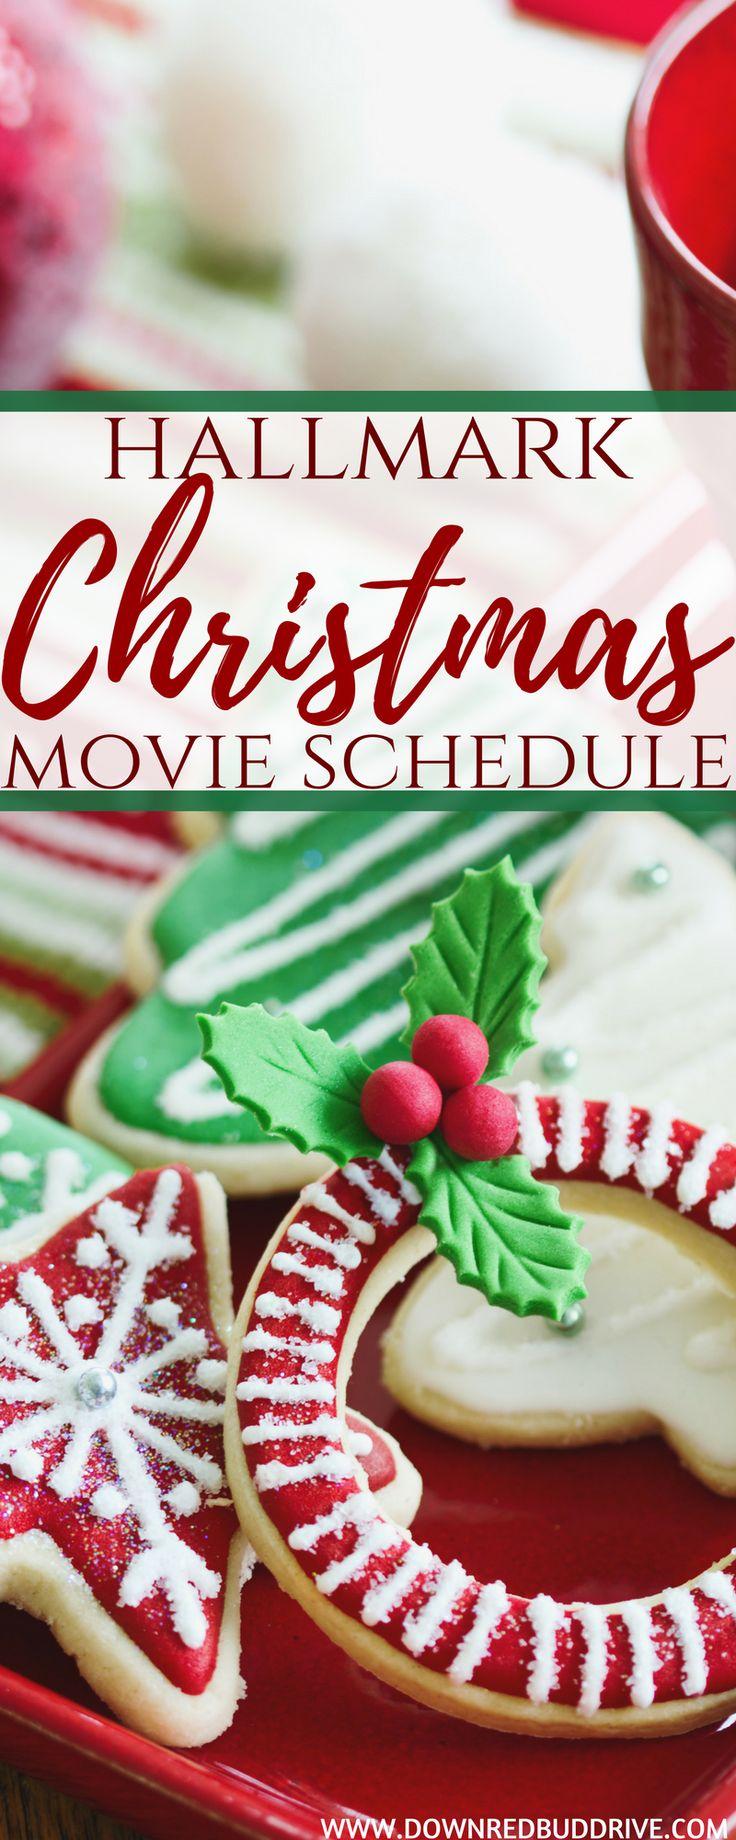 Hallmark Christmas Movie Schedule | Hallmark Movies | Christmas Movies | Best Christmas Movies | Hallmark Christmas | Hallmark Christmas Movies | Hallmark Christmas Movies List | Countdown to Christmas |